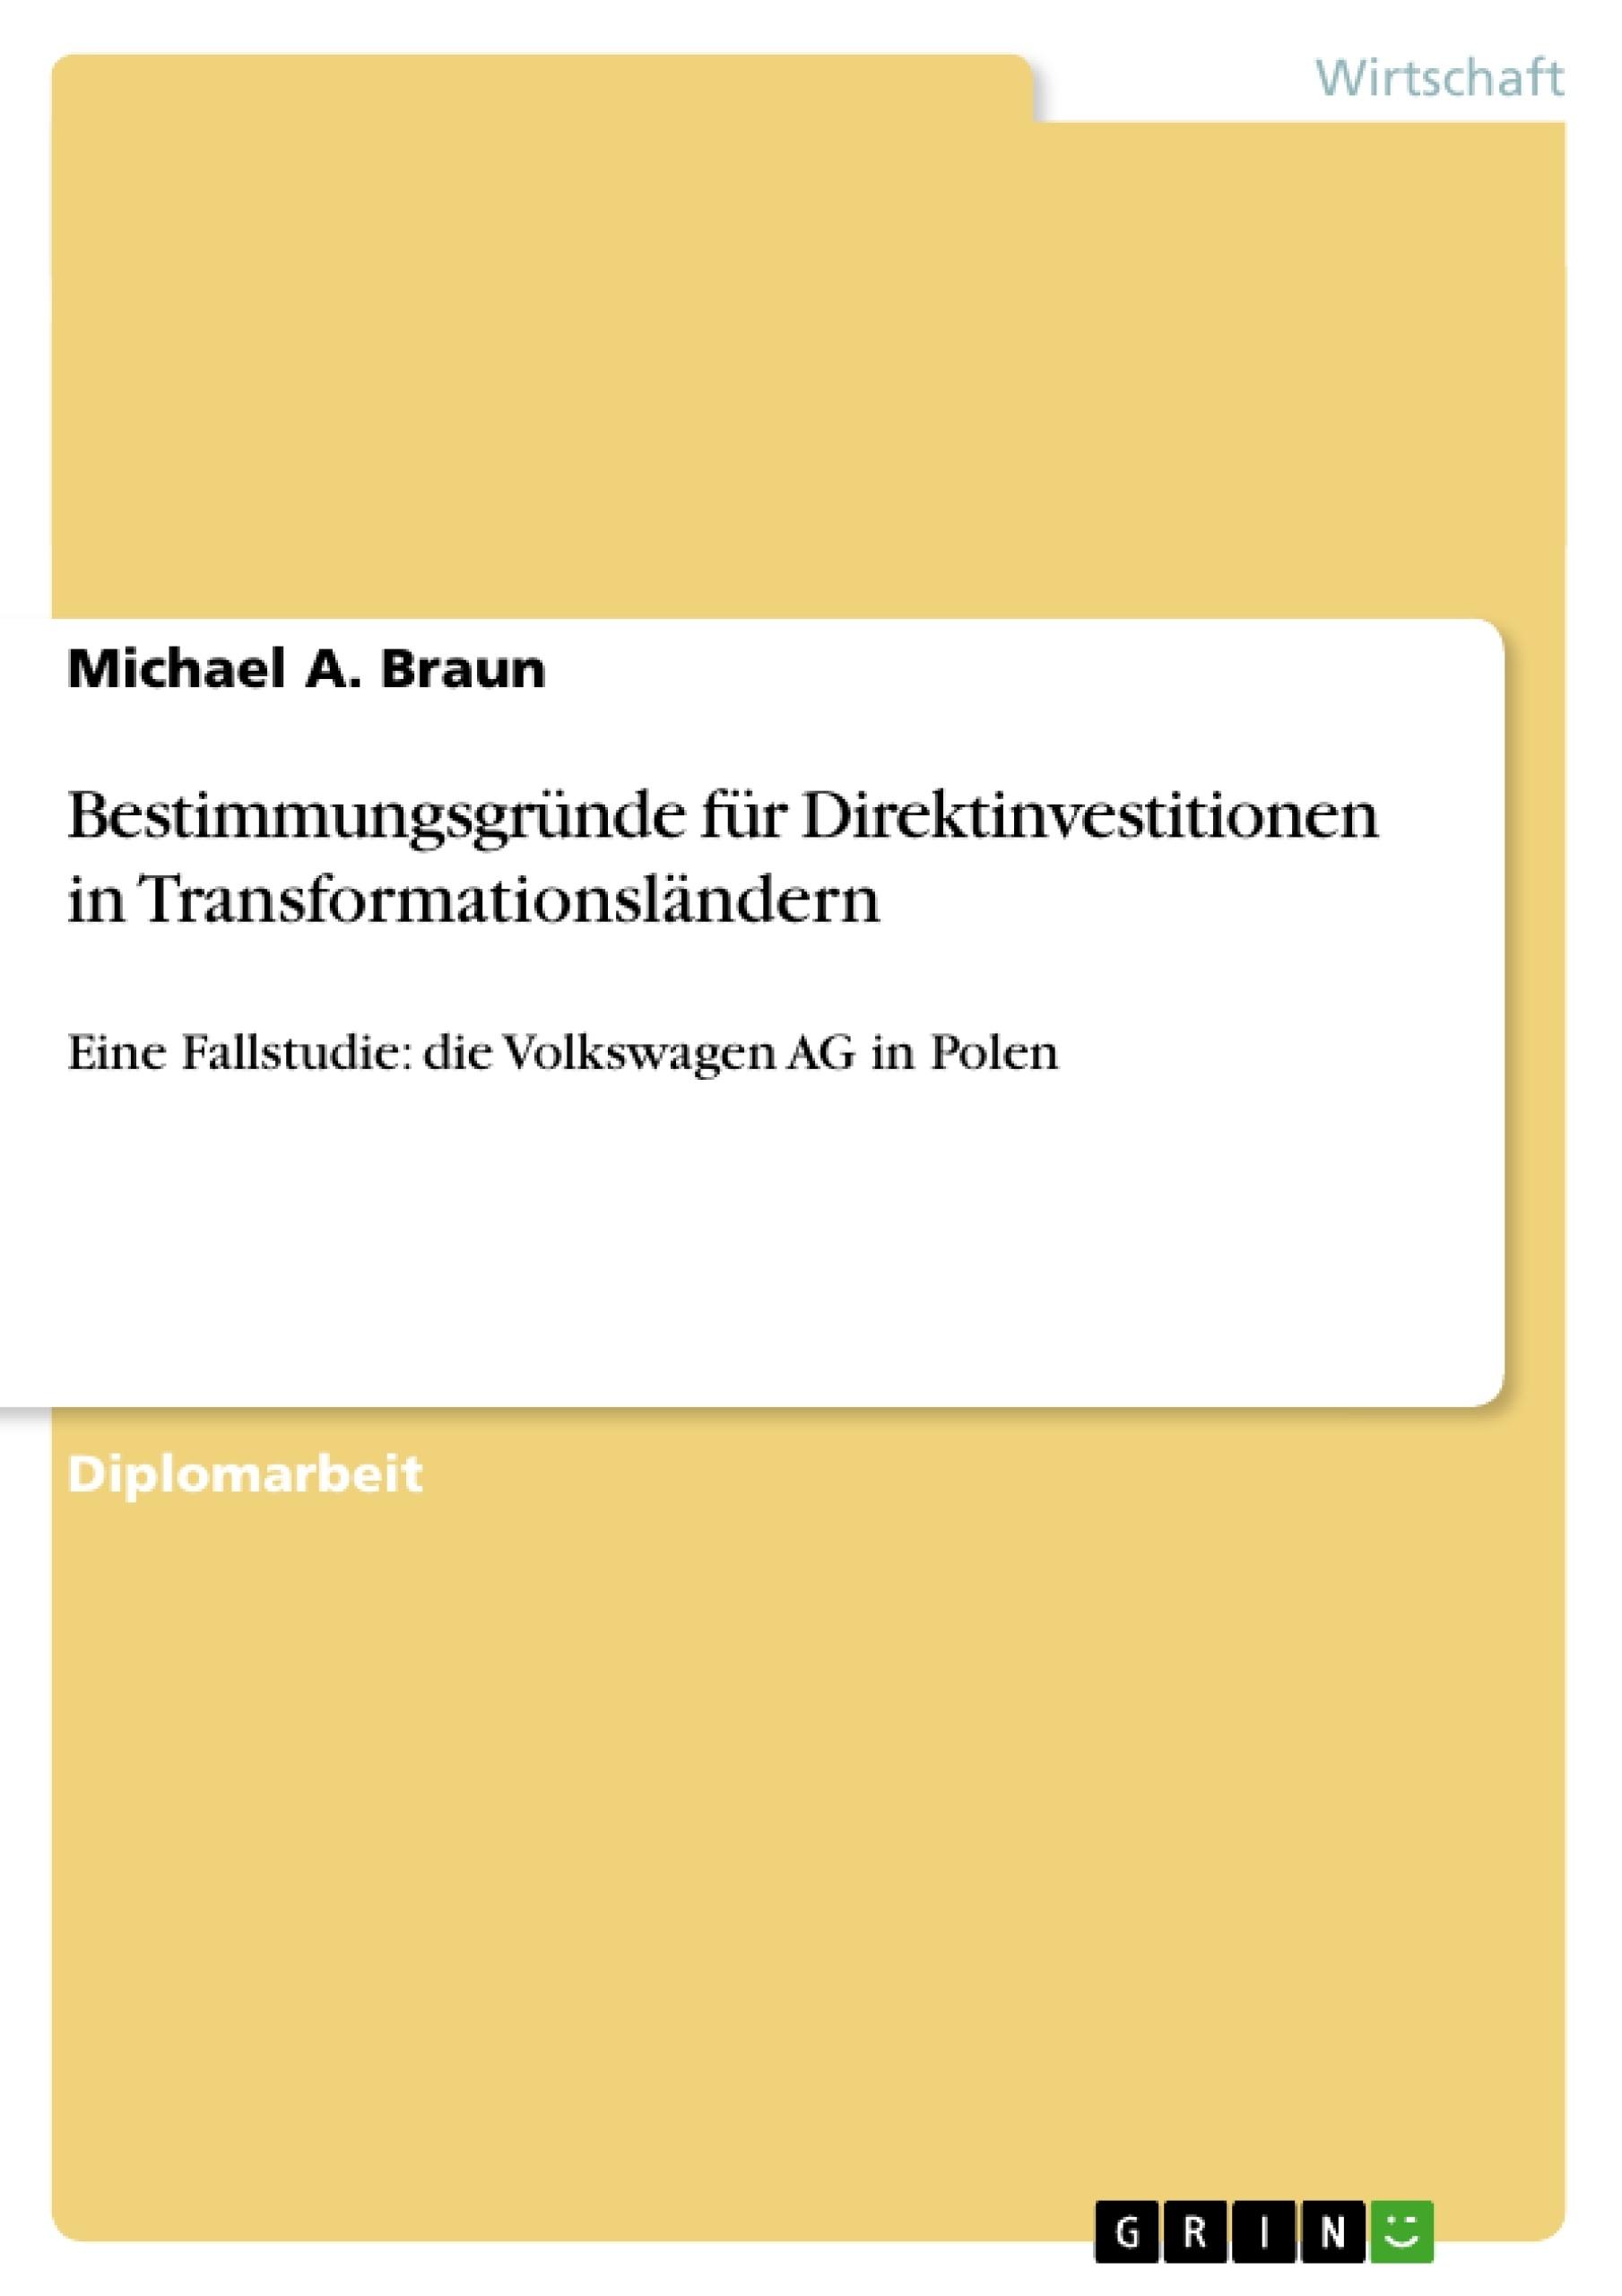 Titel: Bestimmungsgründe für Direktinvestitionen in Transformationsländern